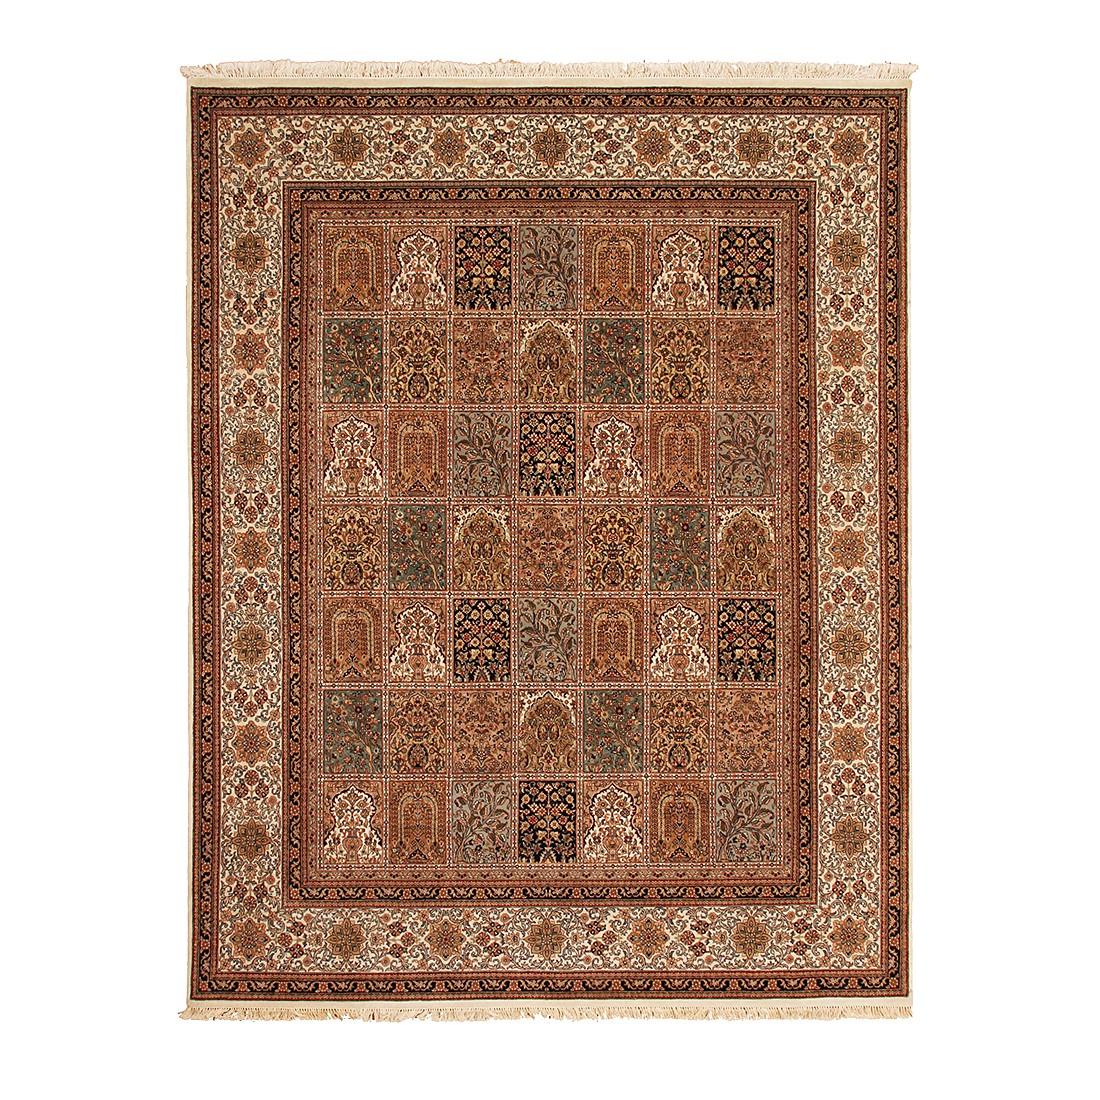 Teppich-Gohm Exklusive – Beige – 120 x 180 cm, Parwis jetzt bestellen